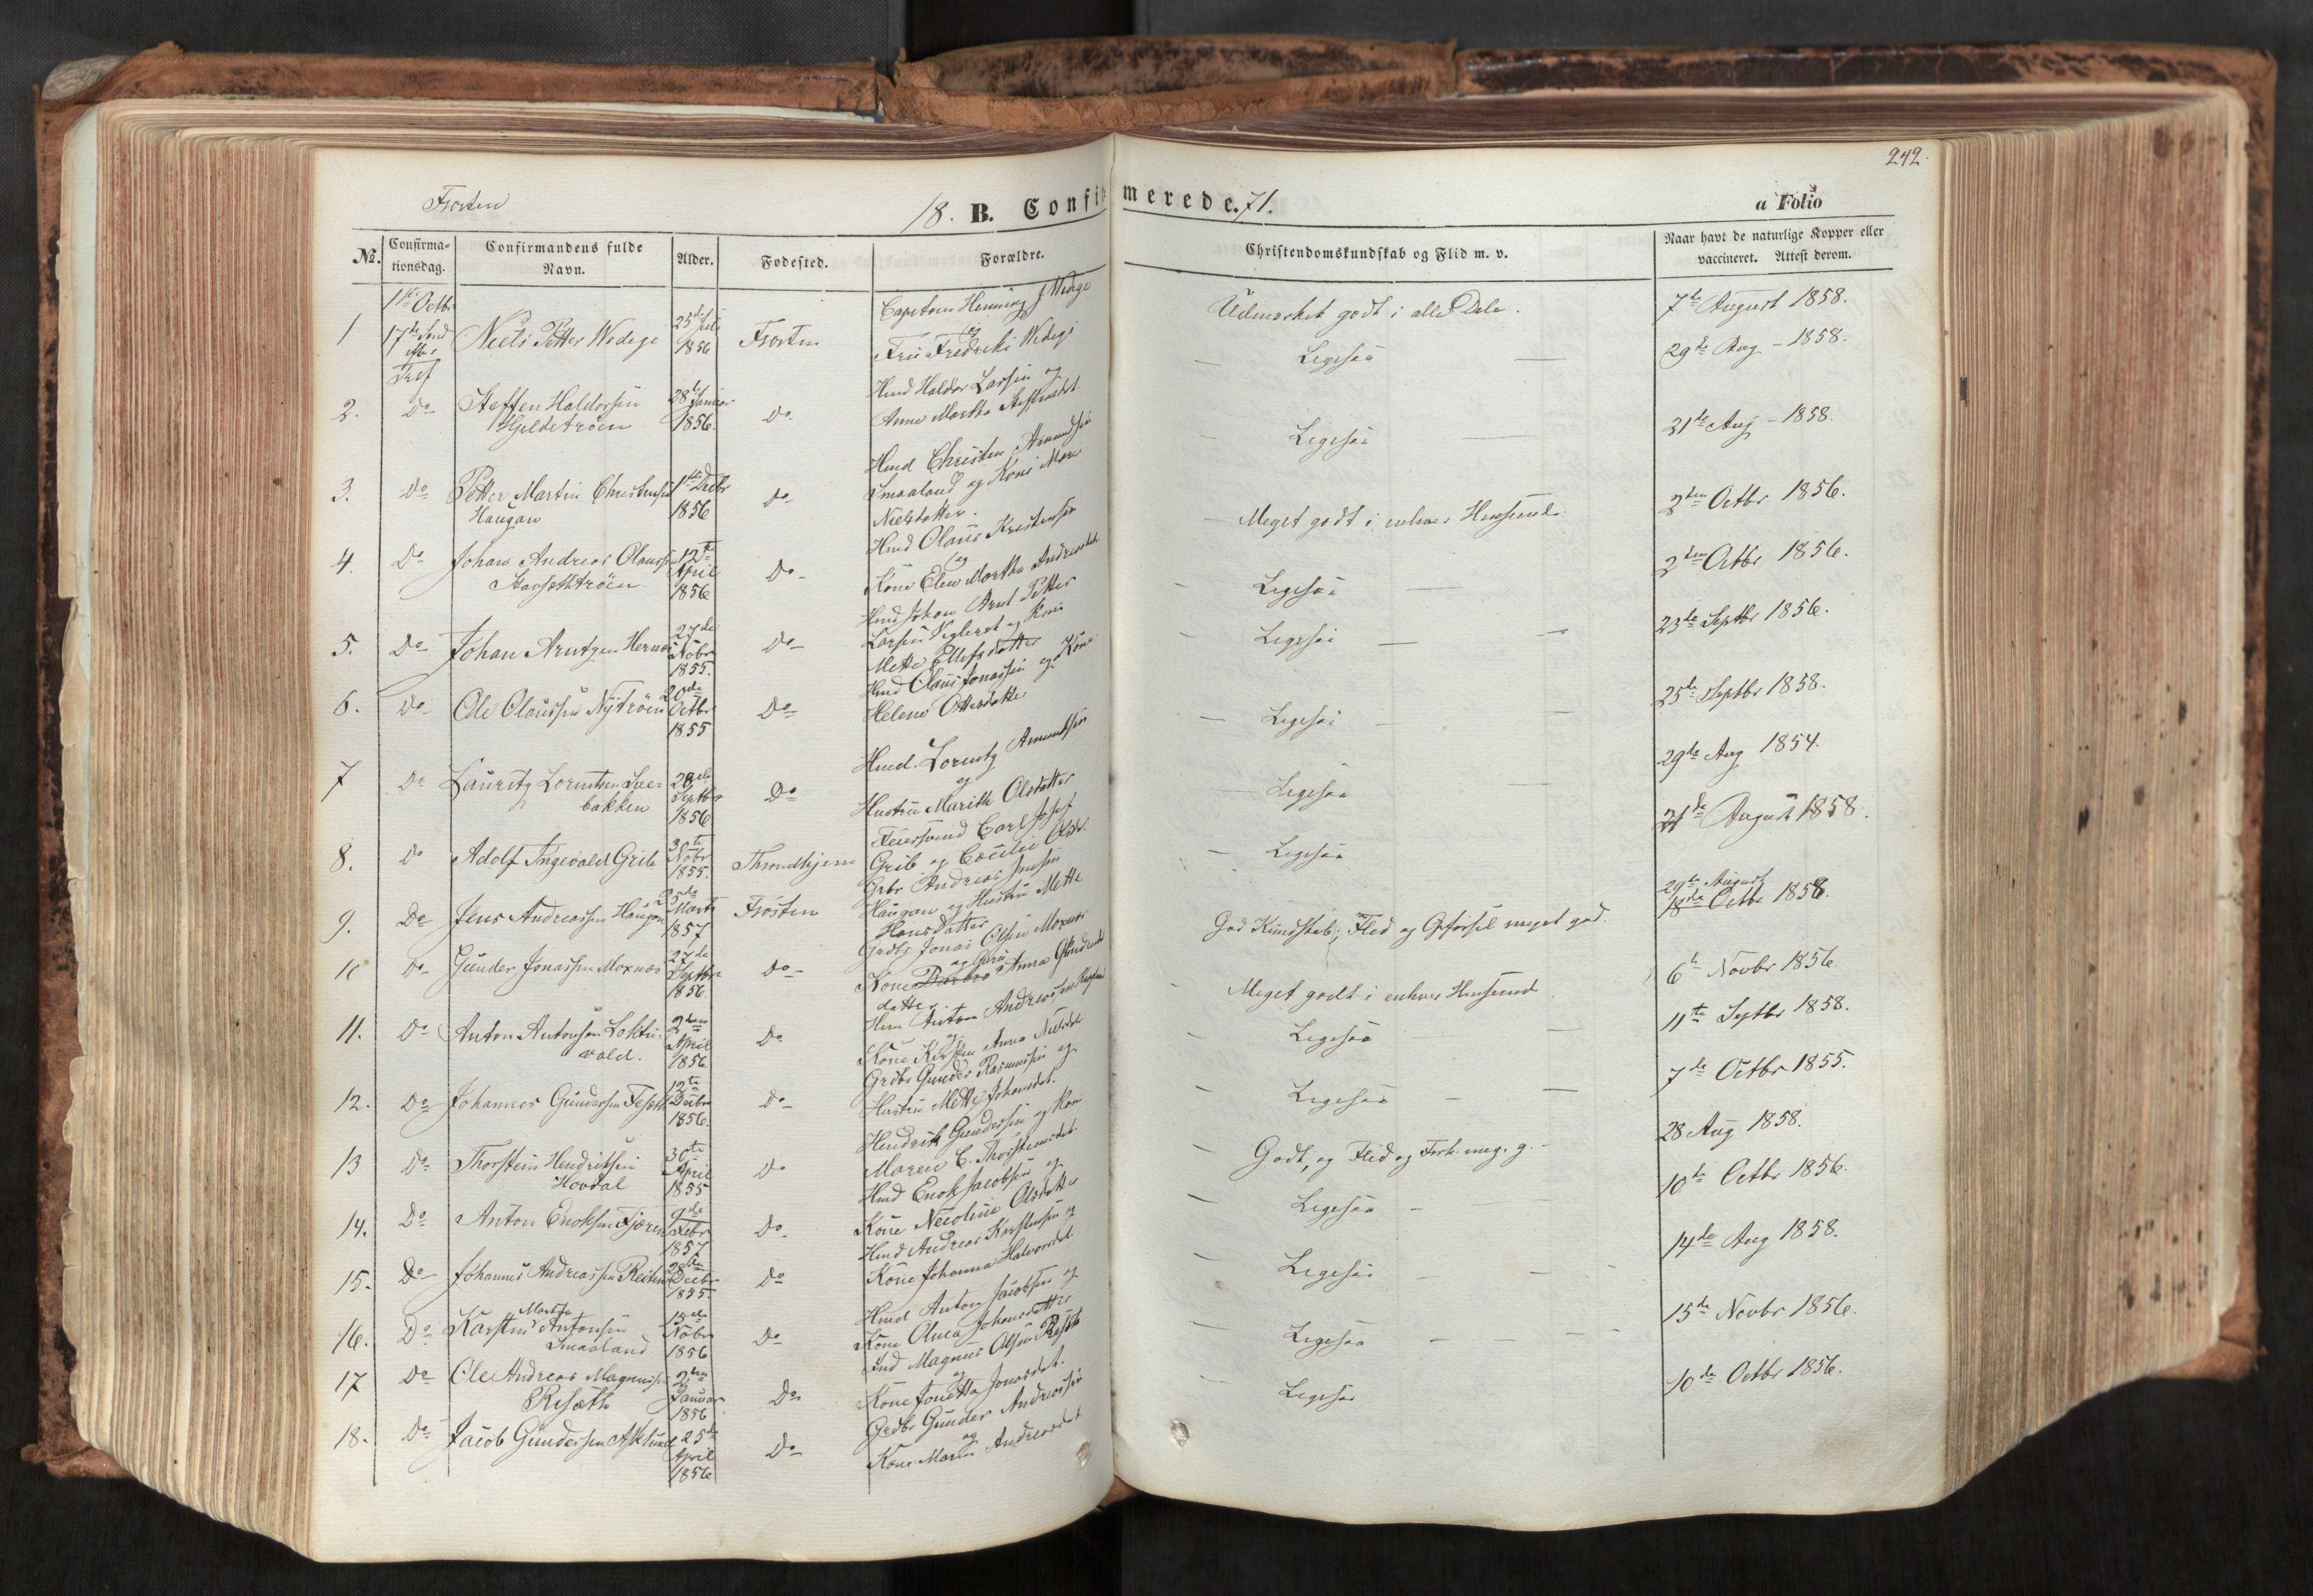 SAT, Ministerialprotokoller, klokkerbøker og fødselsregistre - Nord-Trøndelag, 713/L0116: Ministerialbok nr. 713A07, 1850-1877, s. 242